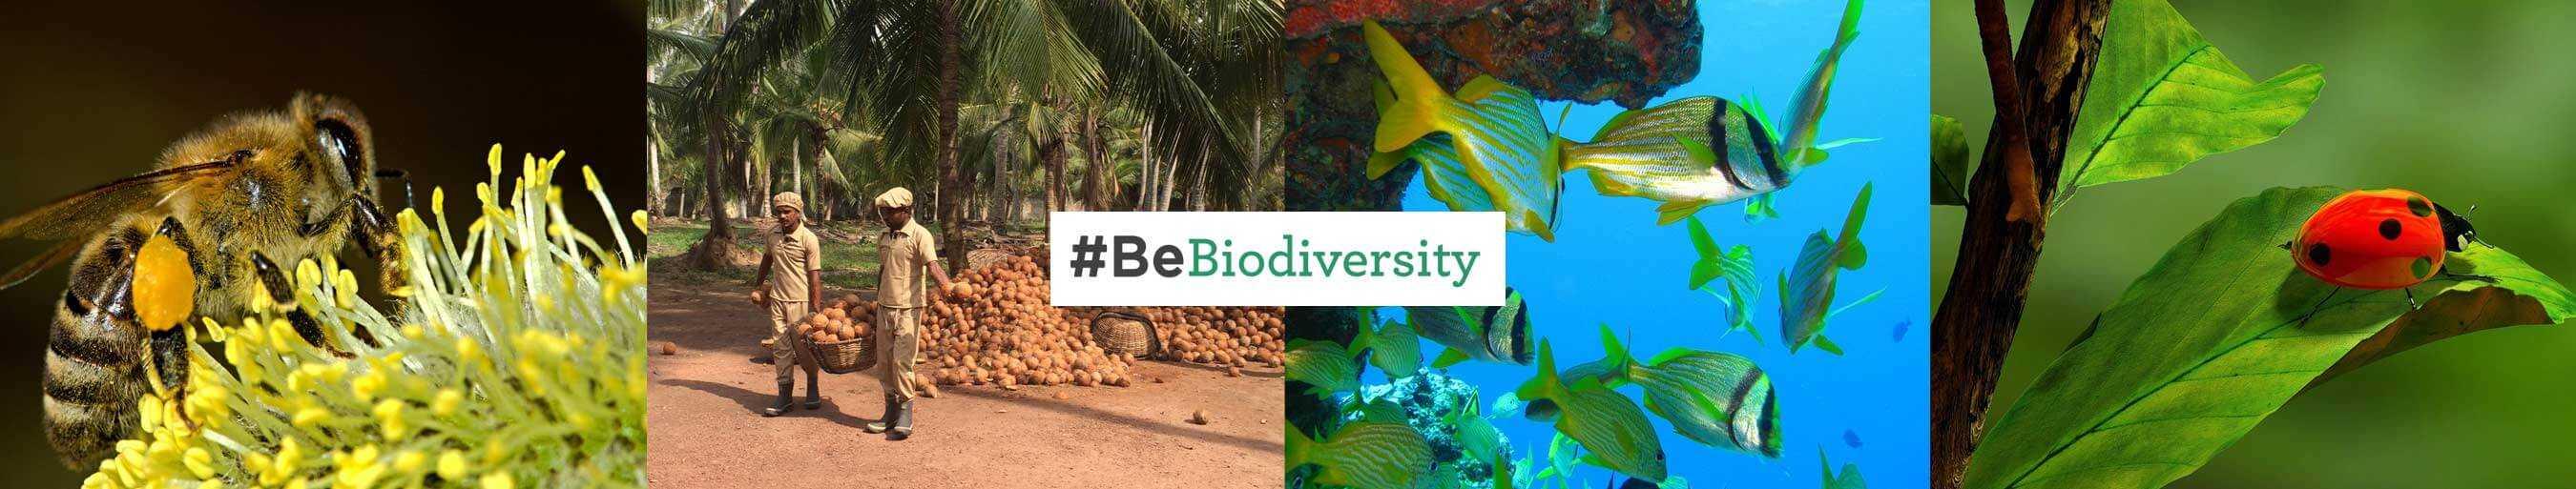 #BeBiodiversity: biodiversiteit belangrijk voor Amanprana